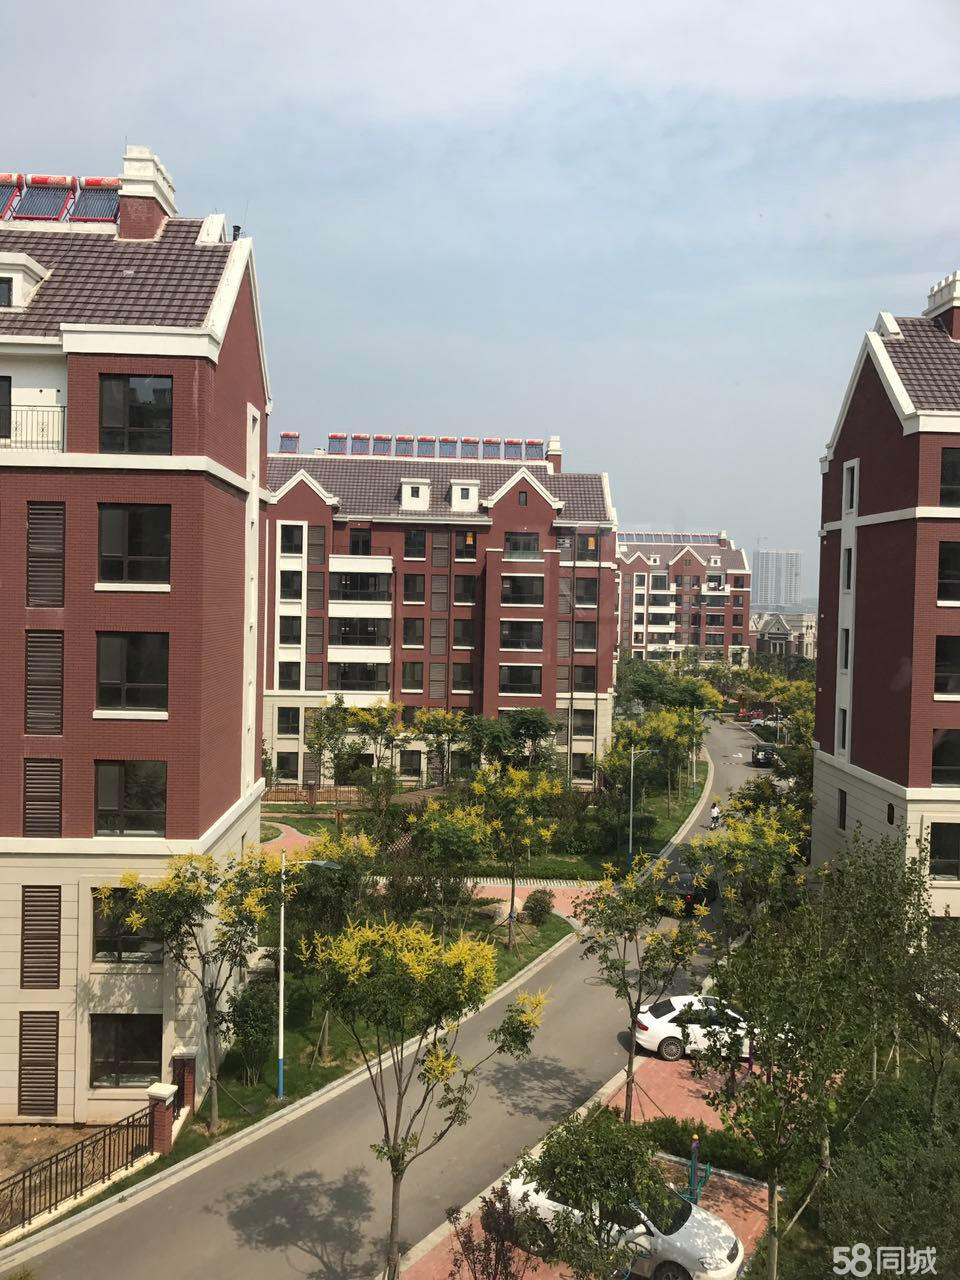 泰安房产 绿地公馆 高铁新区房价迈向万元... -「泰安房产超市」